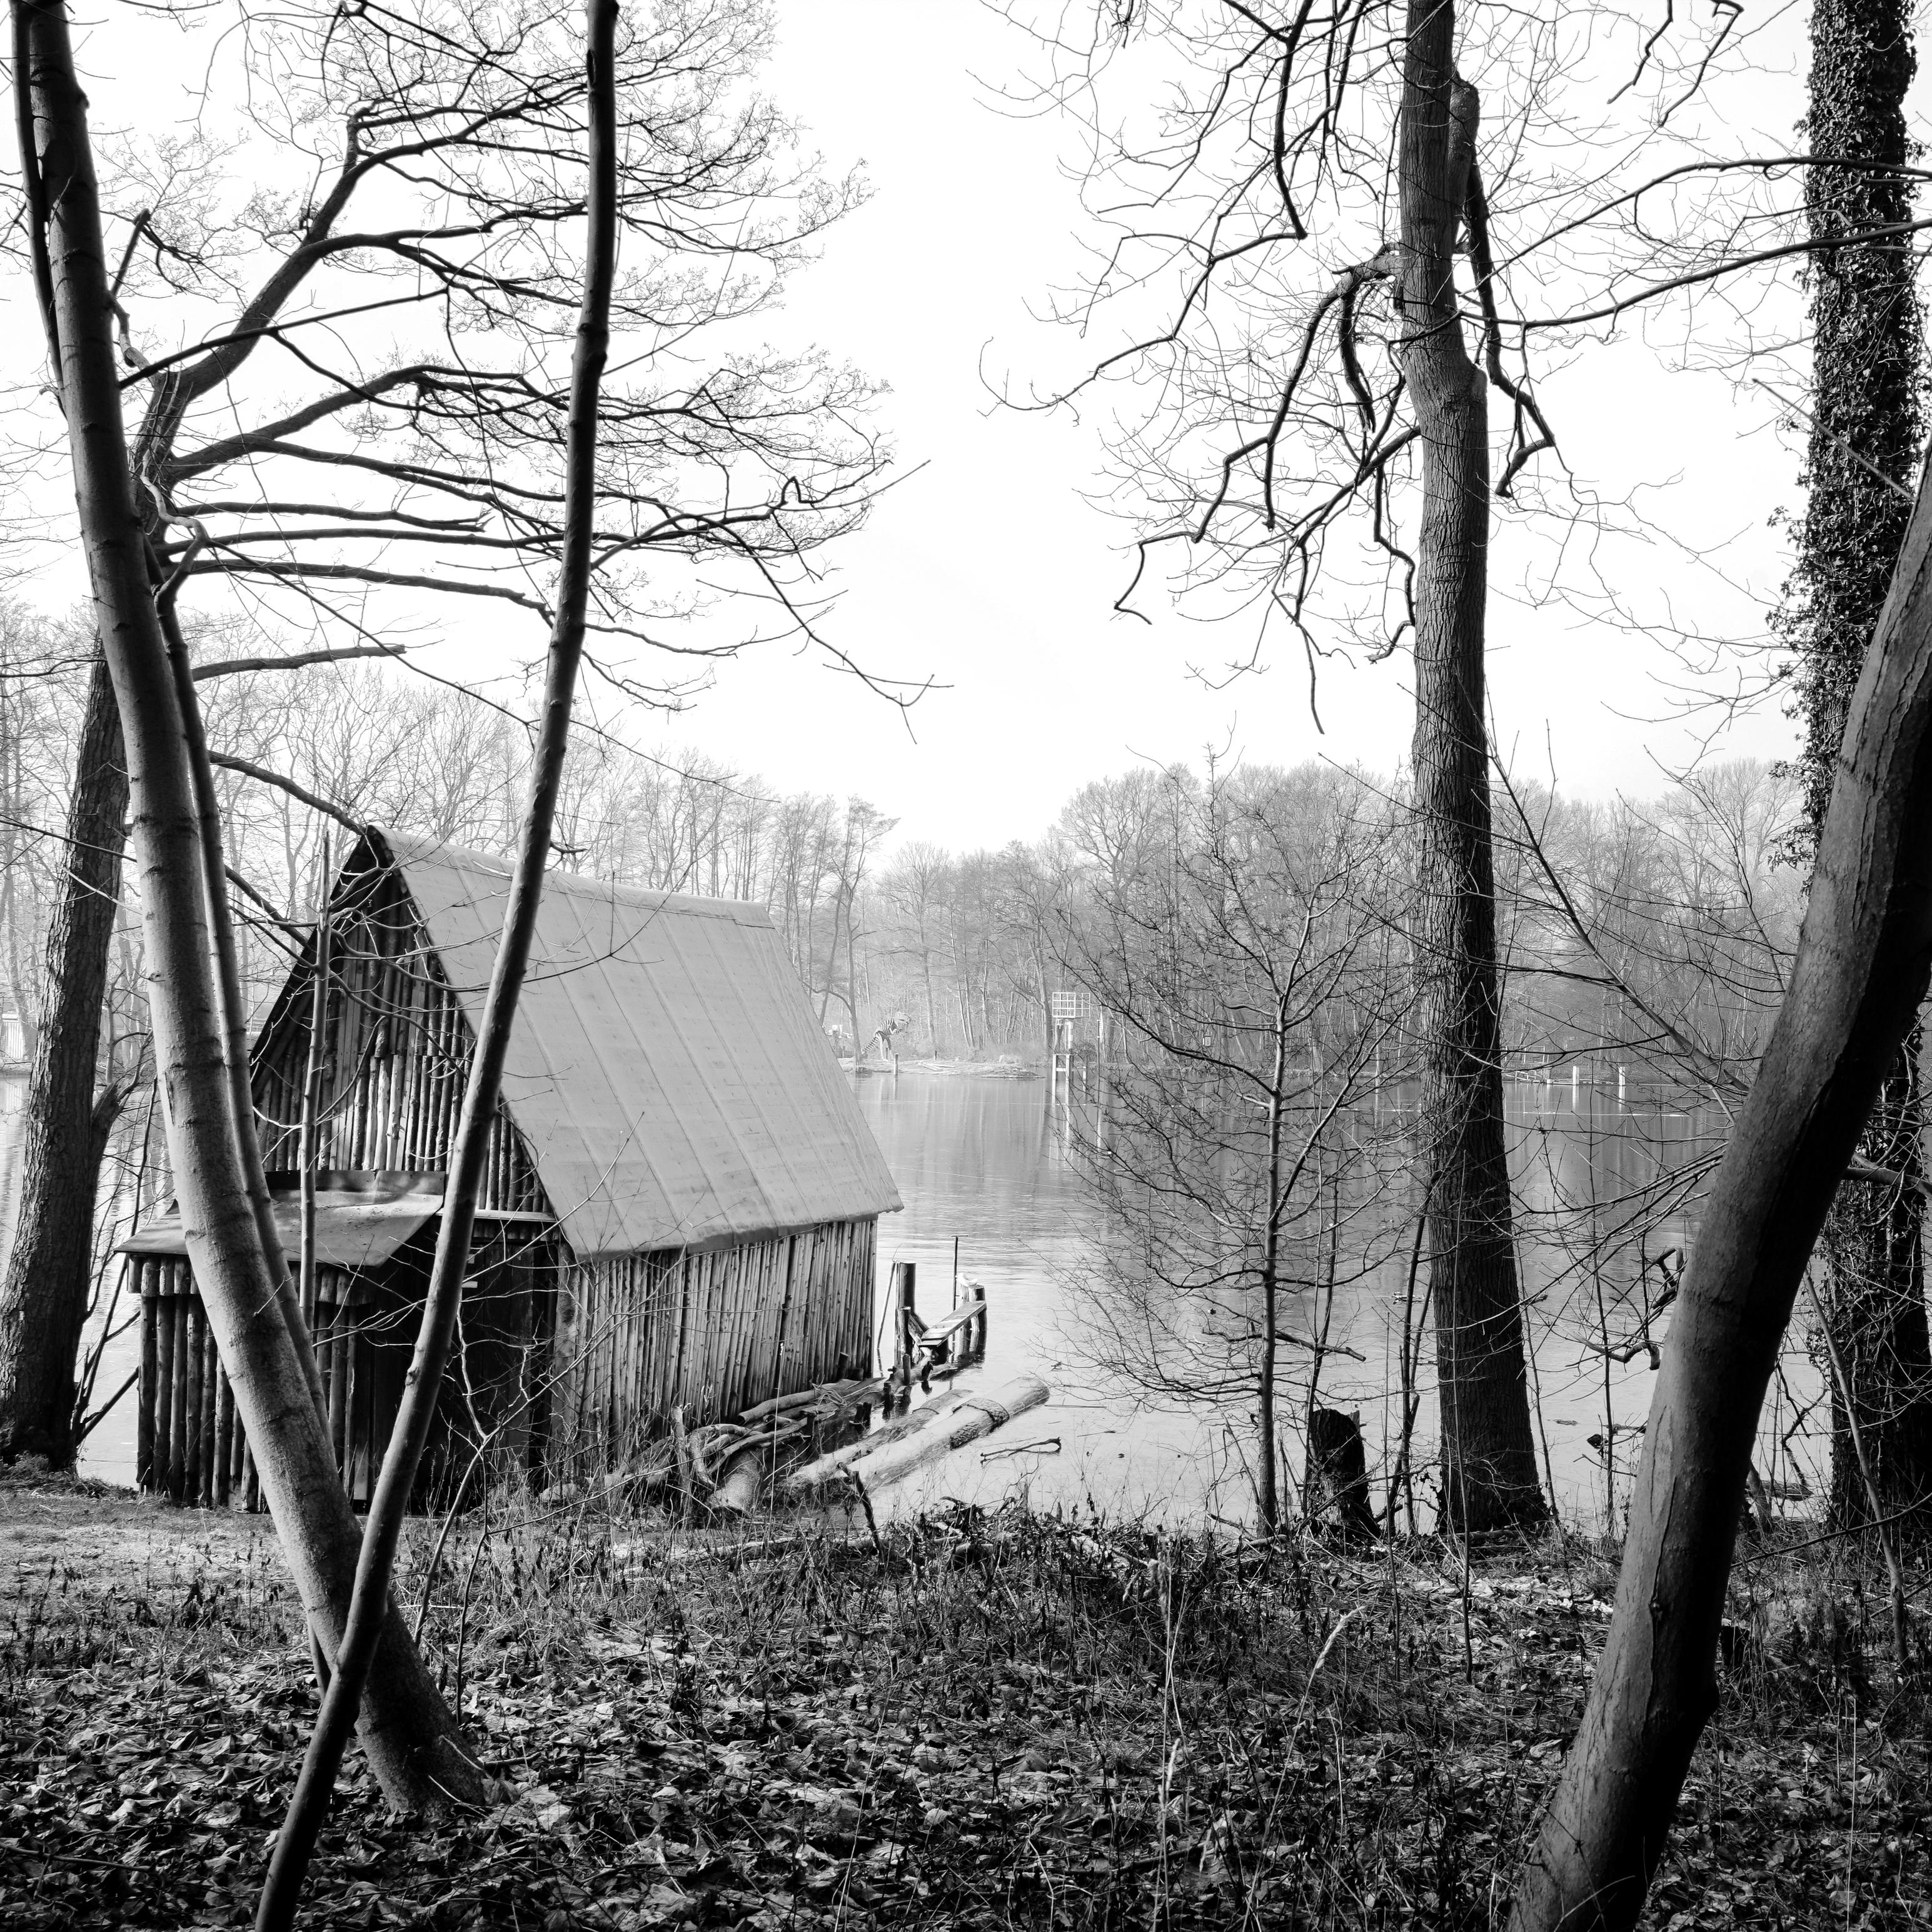 Pay Kusten - Granzow (Acker 071) Image